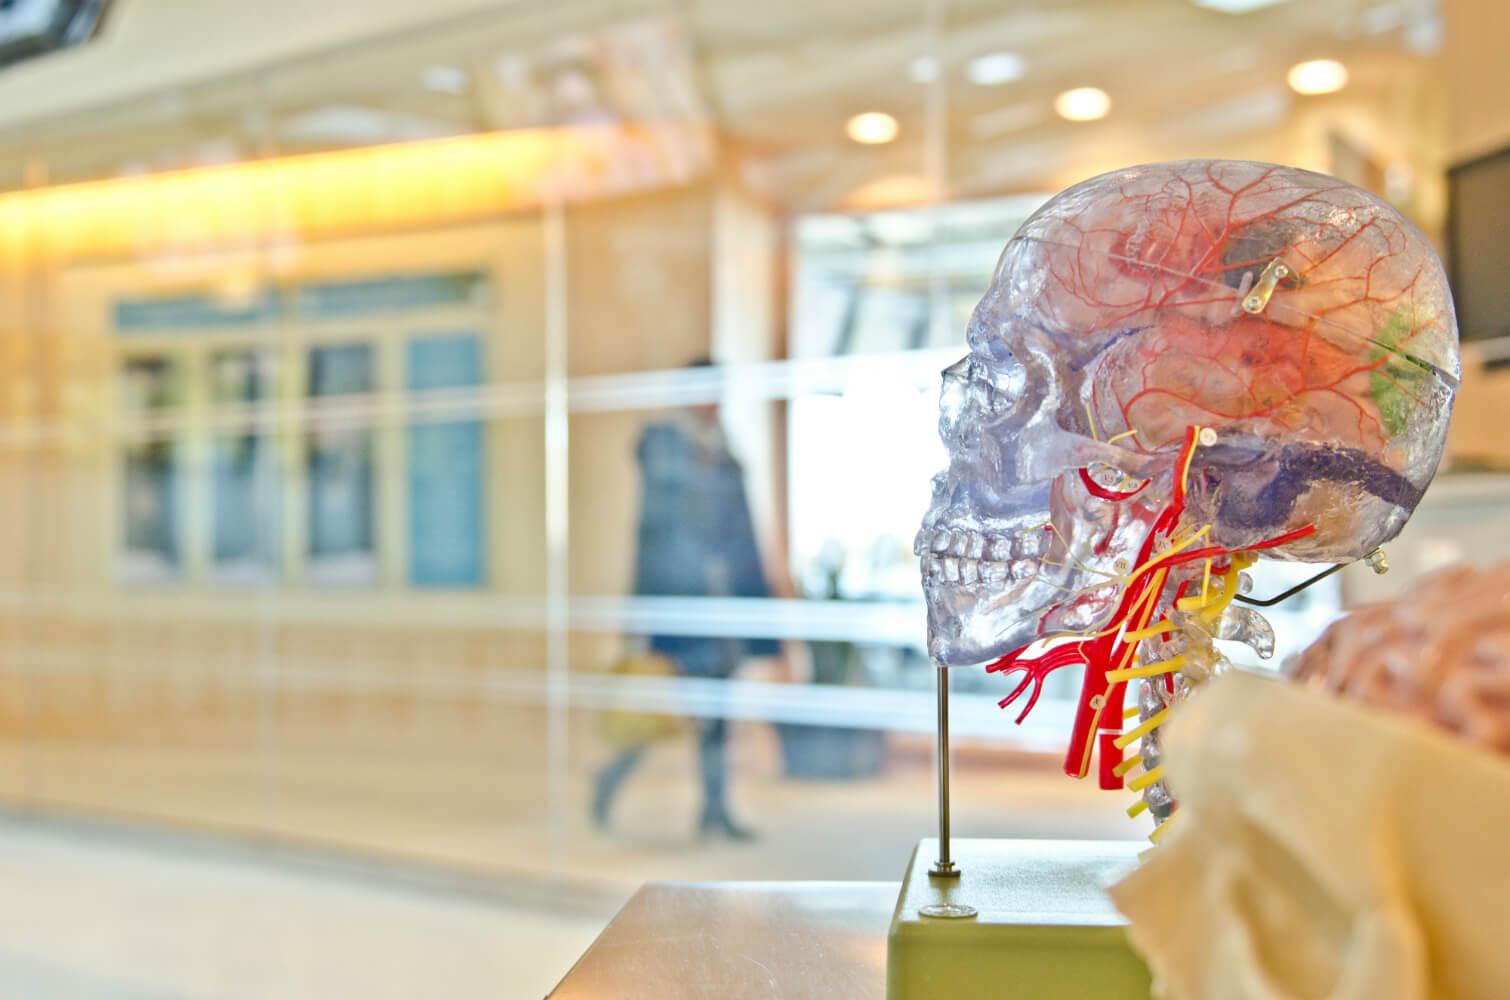 A maior lista de Vieses Cognitivos que você já viu (provavelmente) - Além do Roteiro